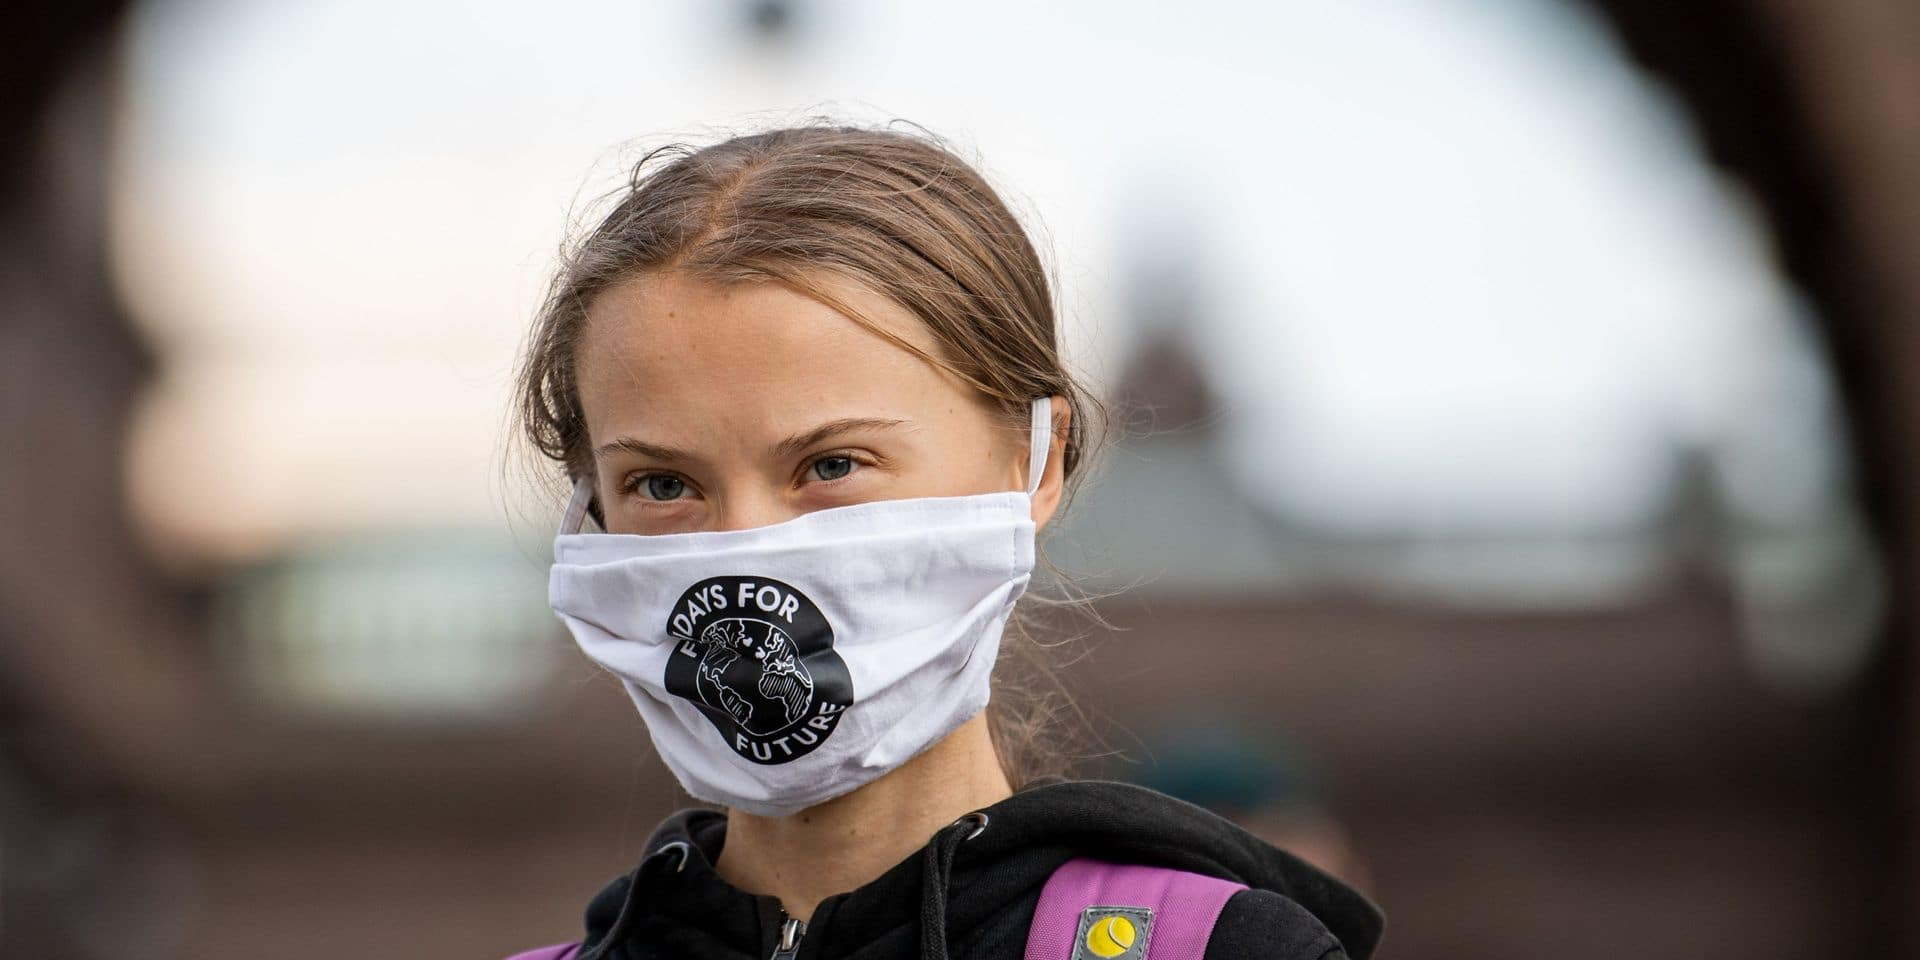 """Greta Thunberg appelle à voter Joe Biden: """"Bon sang! Organisez-vous juste et faites que tout le monde vote Biden"""""""